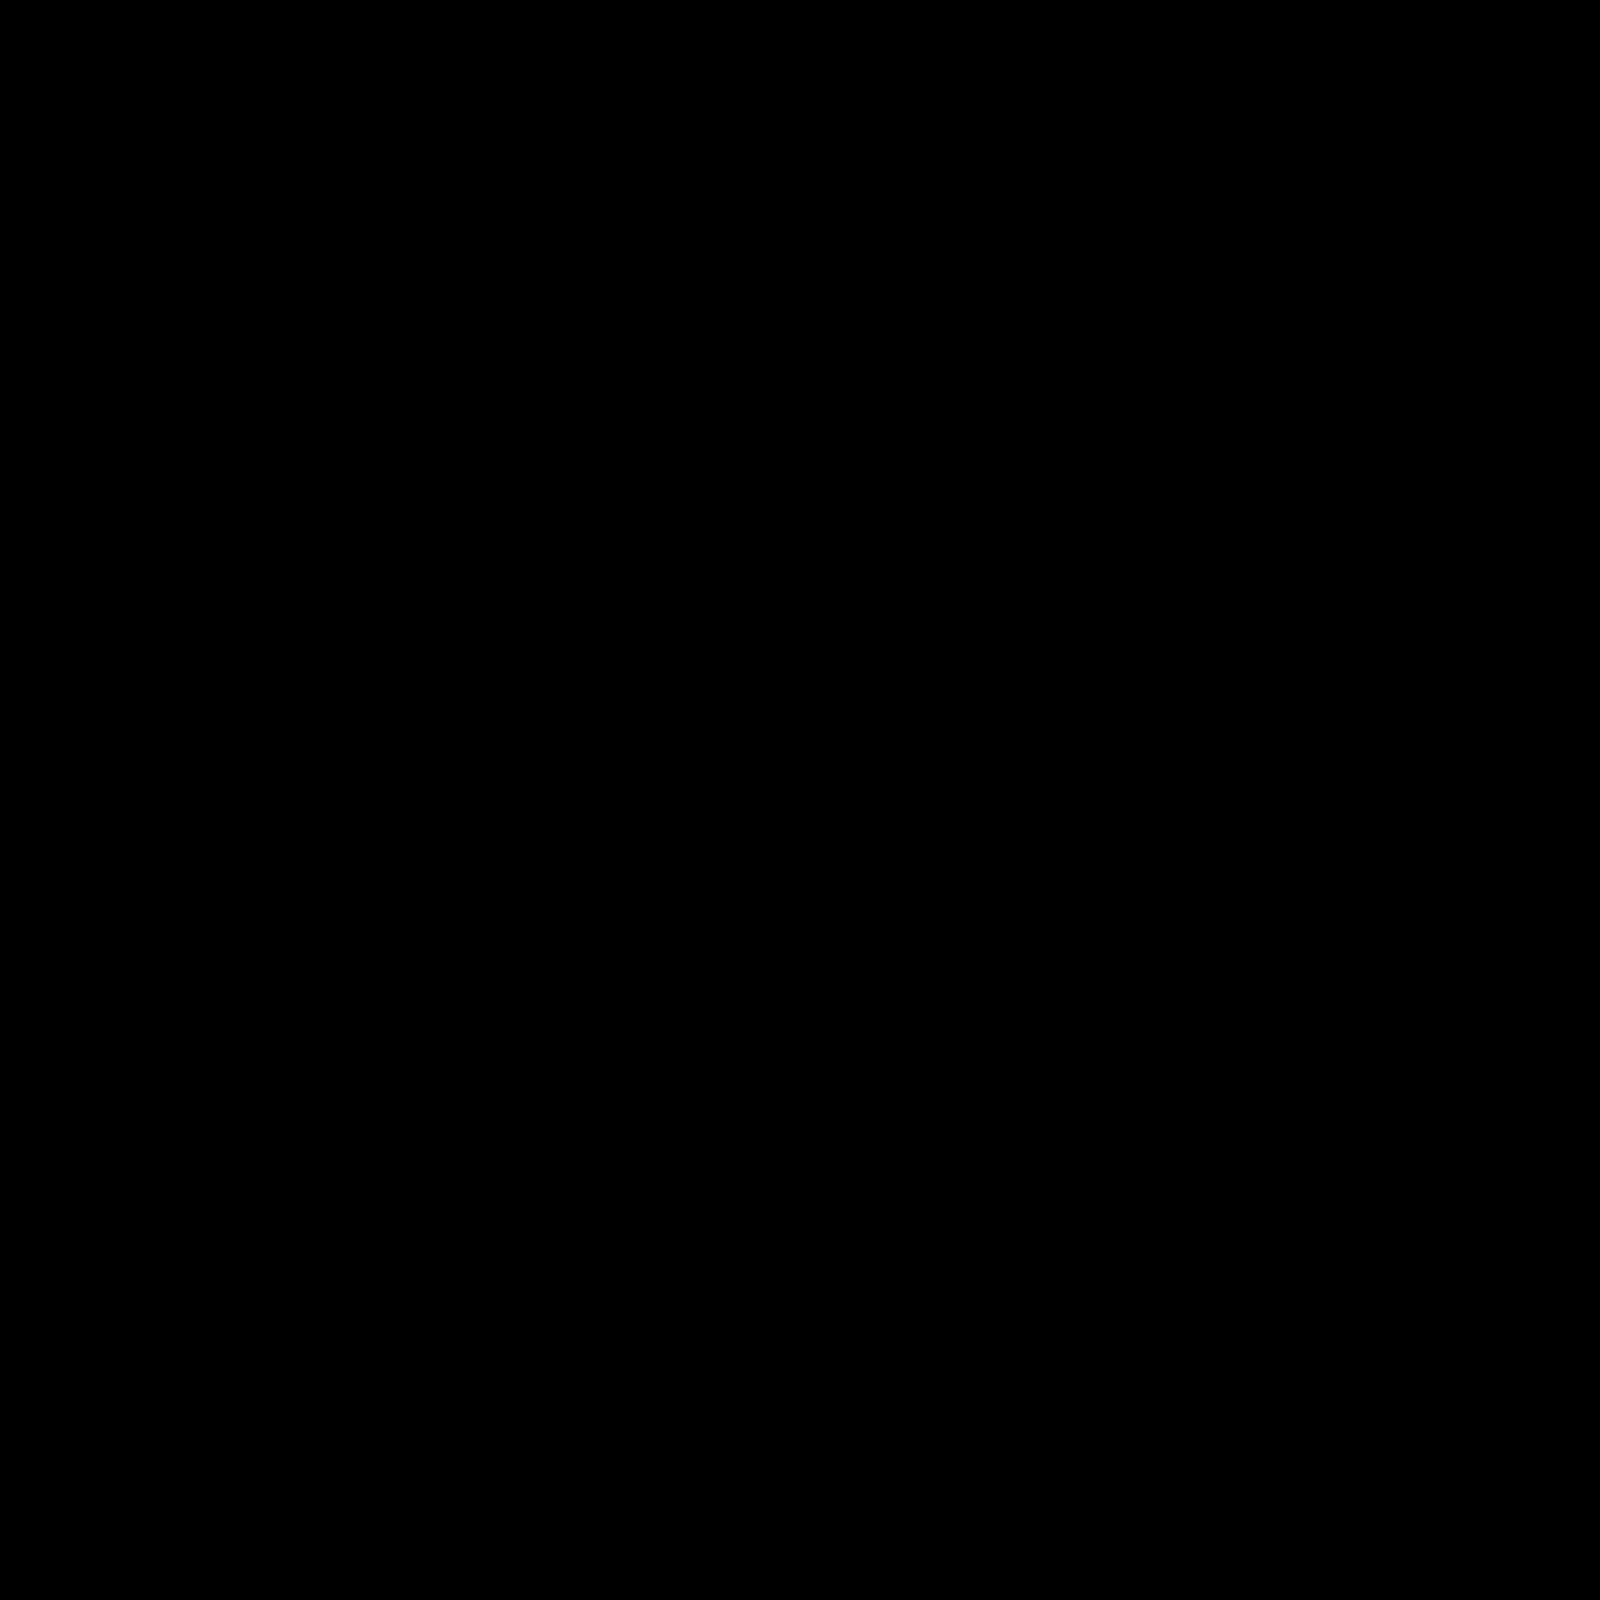 Camera vector png. Photoshoot logo the scenarios